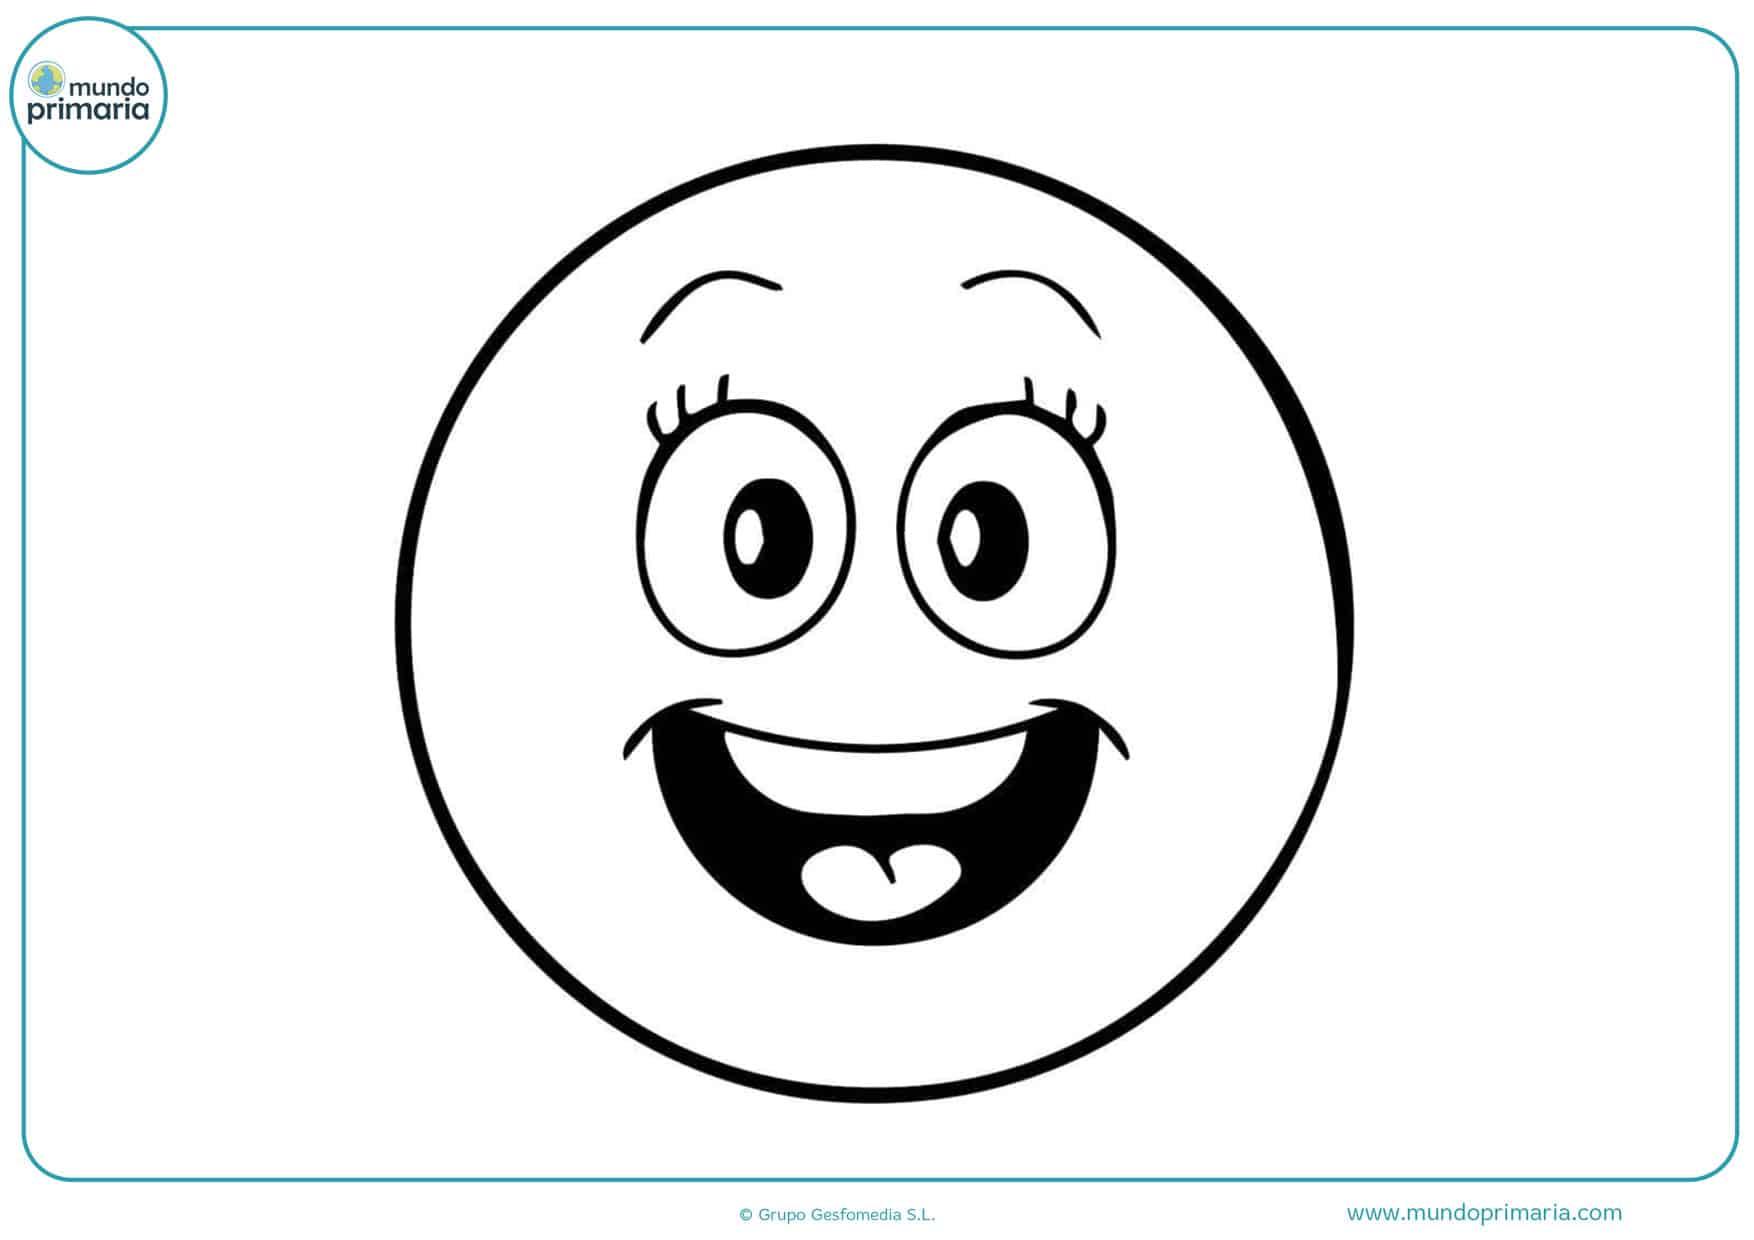 dibujos para imprimir y colorear de emojis